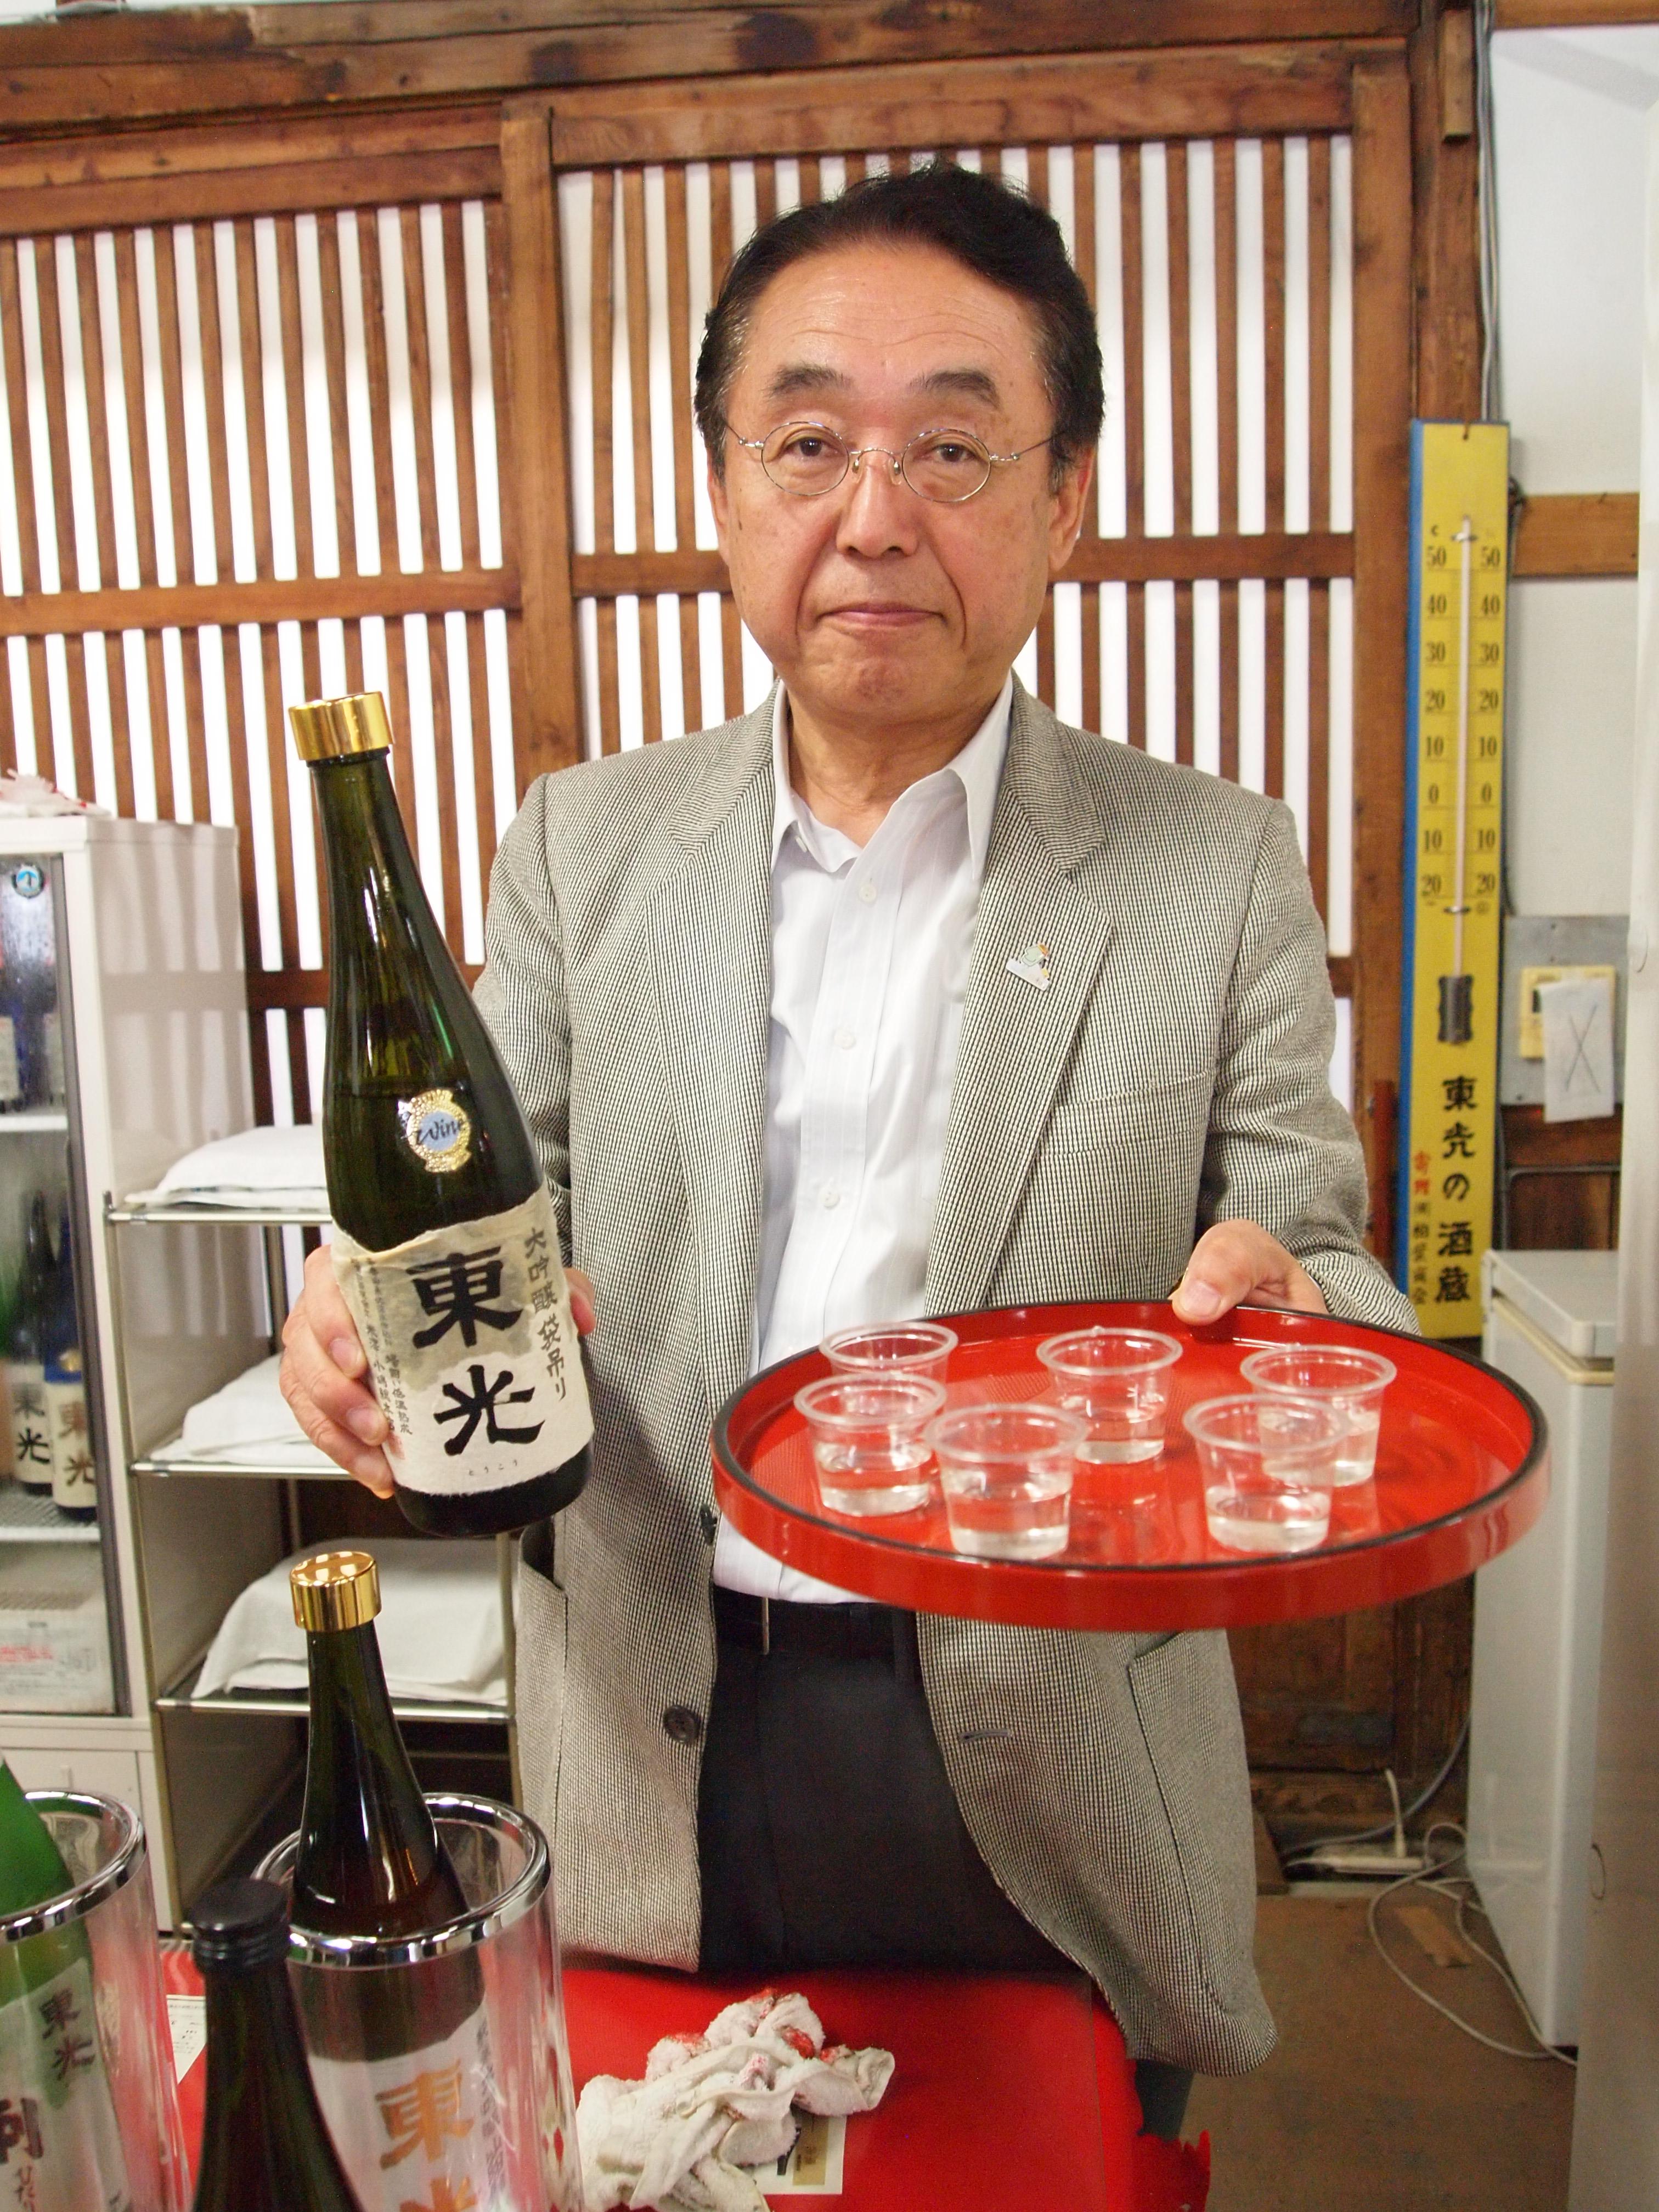 酒造资料馆的馆长小岛弥左卫门先生,也是东光の酒蔵第二十三代的主人,不过目前他已将酒蔵交由儿子掌管。